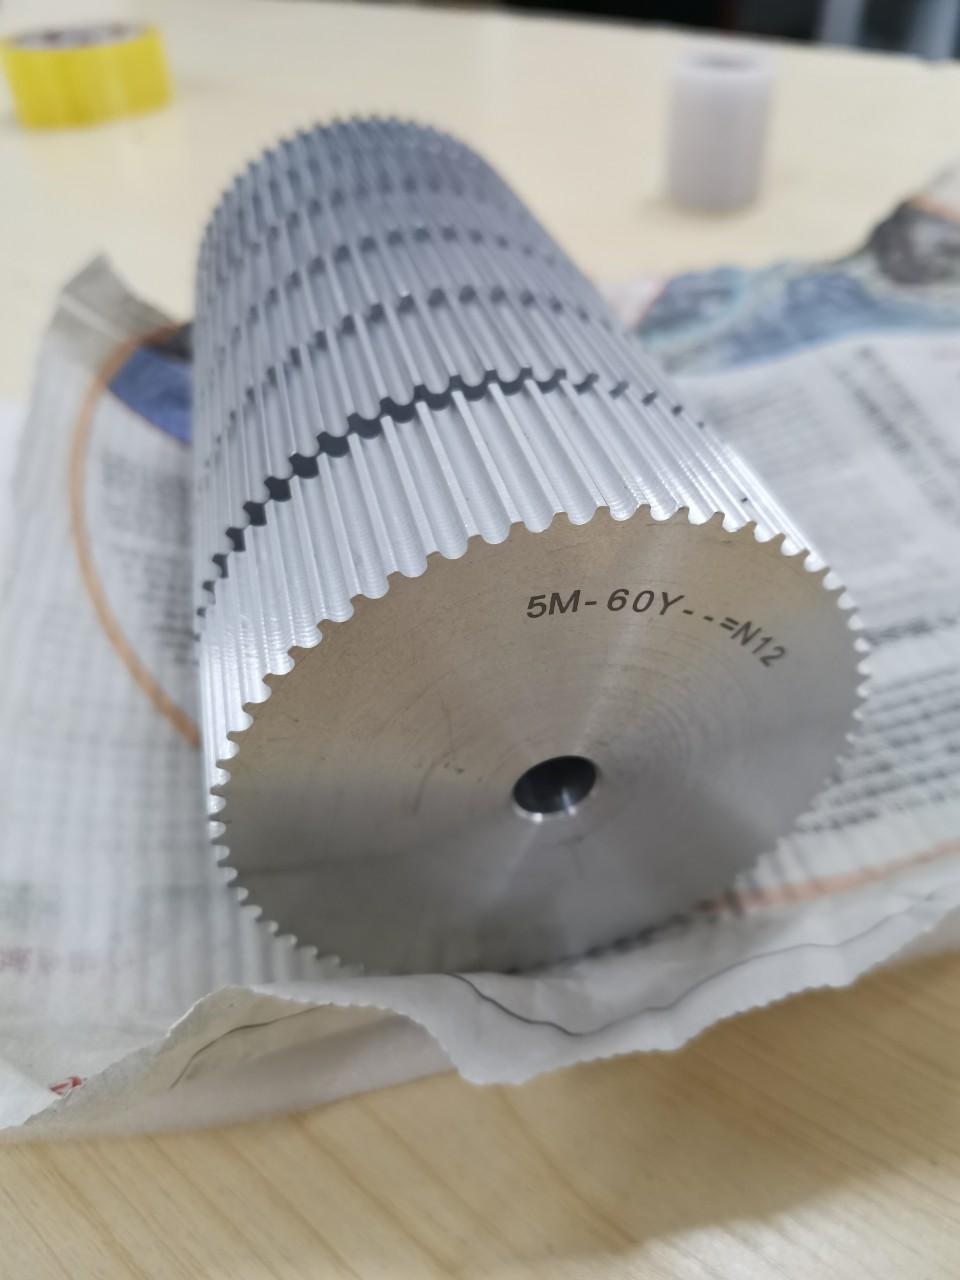 Bánh răng pulley nhôm nhập khẩu theo yêu cầu bản thiết kế